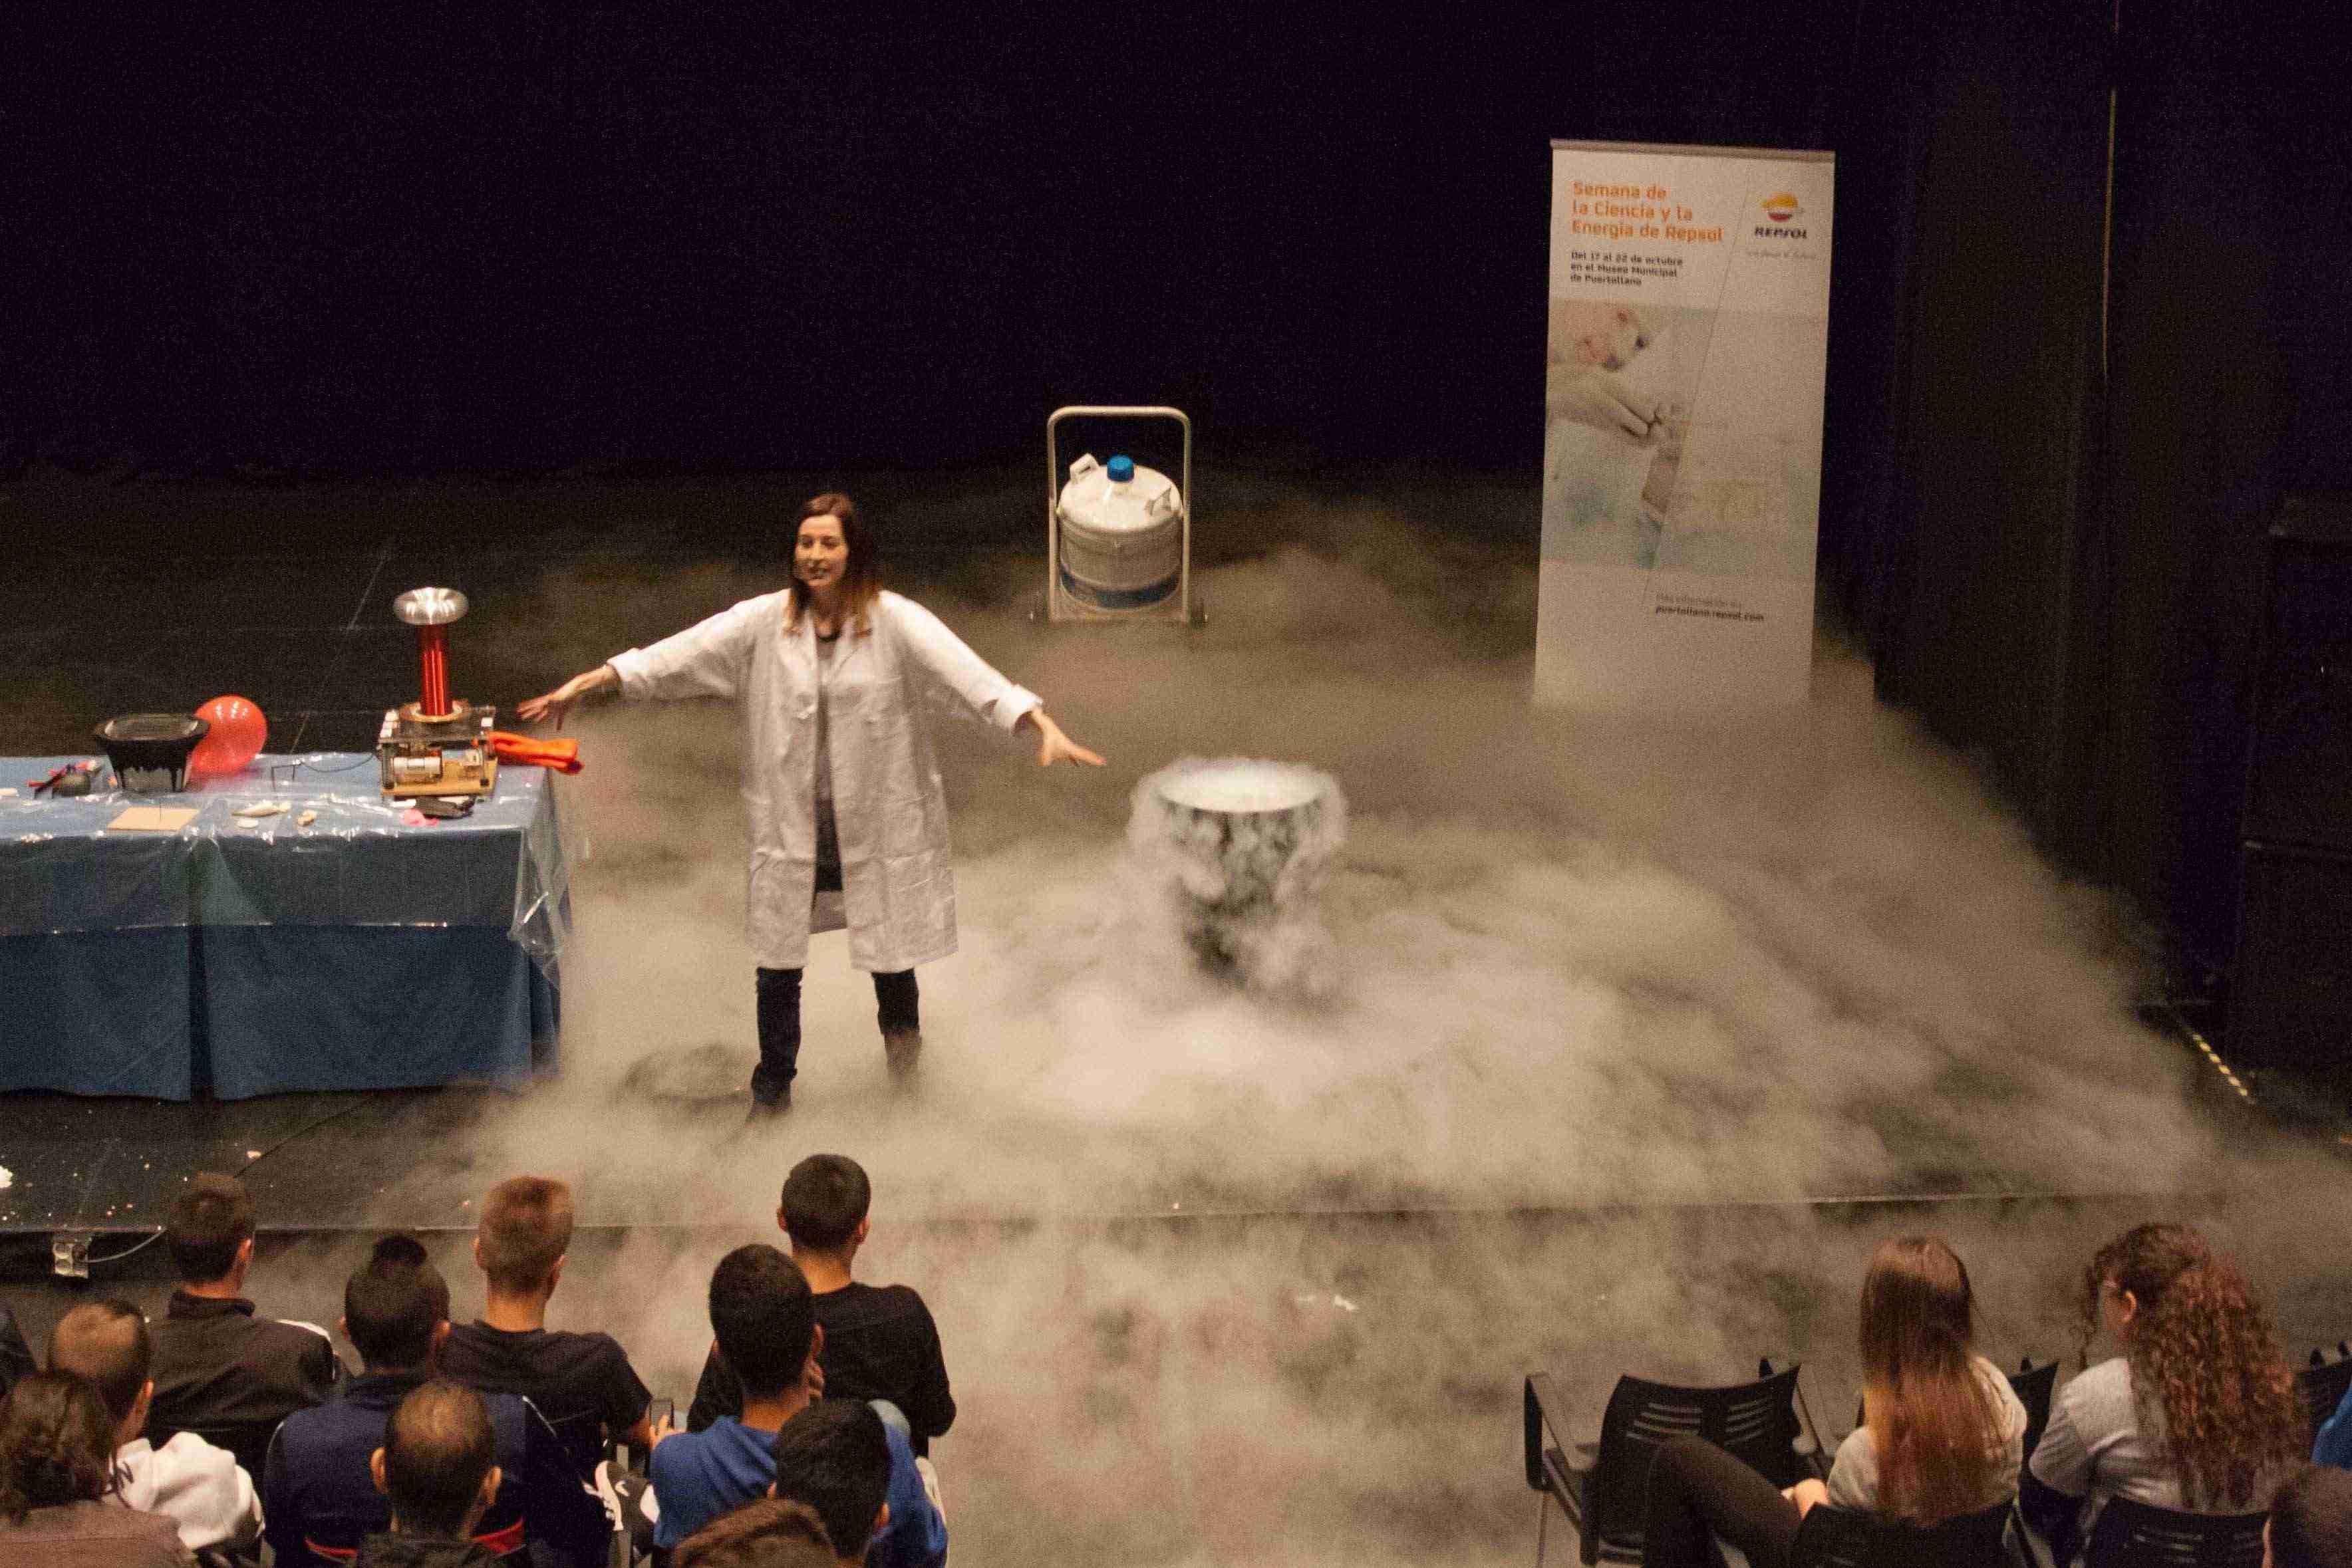 ciencia-a-lo-grande-en-puertollano-humo